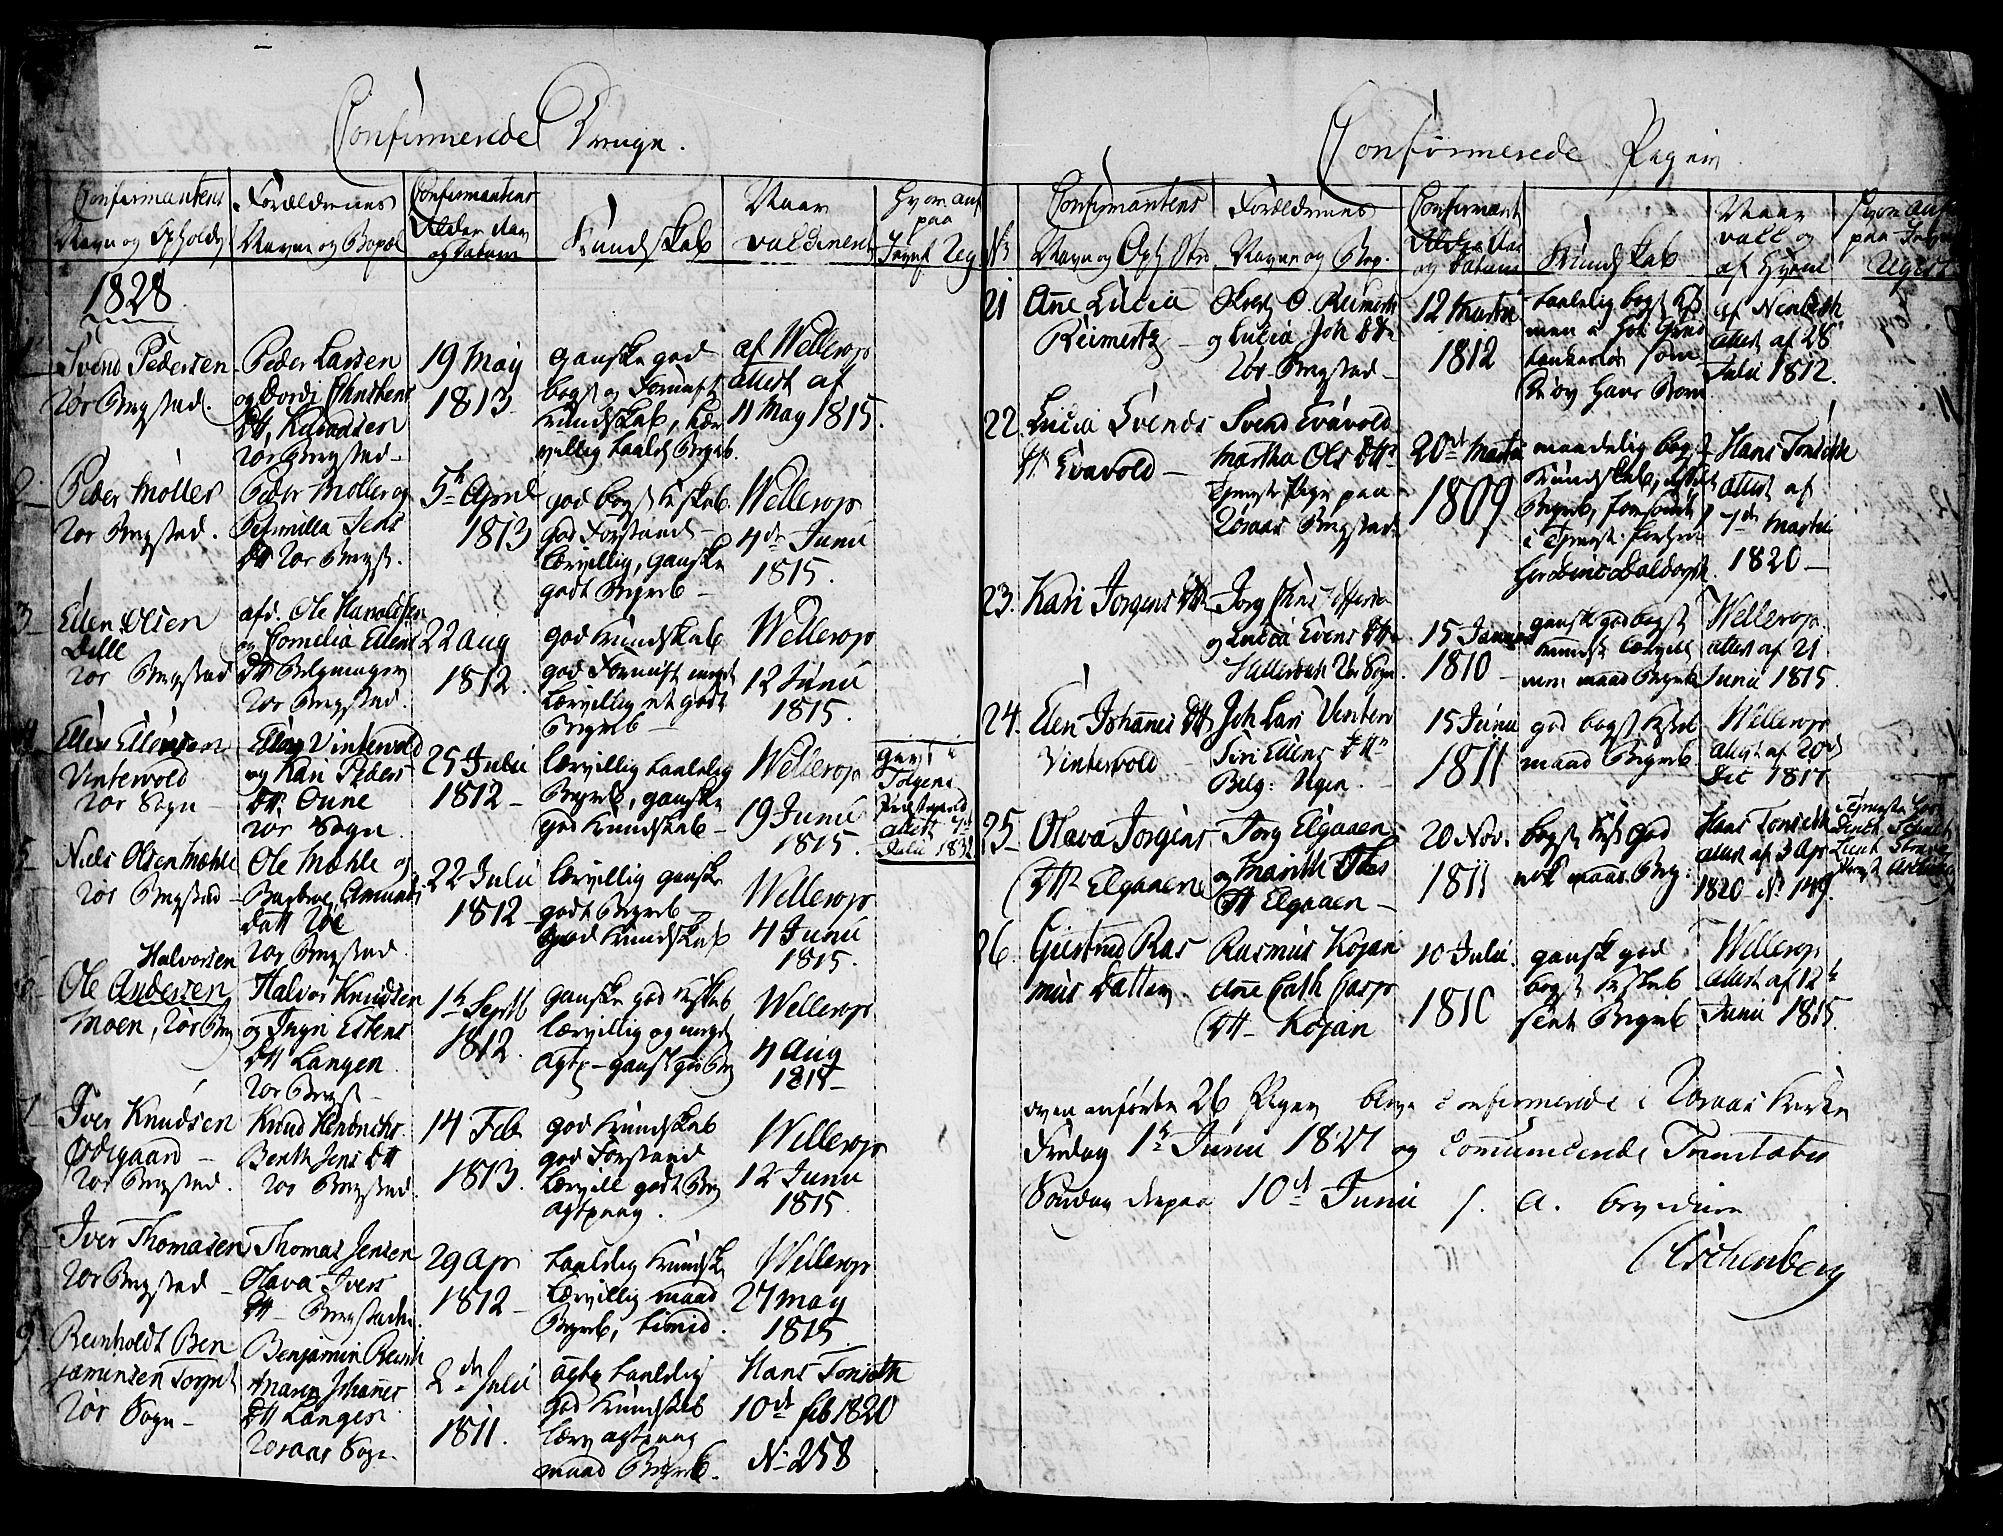 SAT, Ministerialprotokoller, klokkerbøker og fødselsregistre - Sør-Trøndelag, 681/L0929: Ministerialbok nr. 681A07, 1817-1828, s. 285d